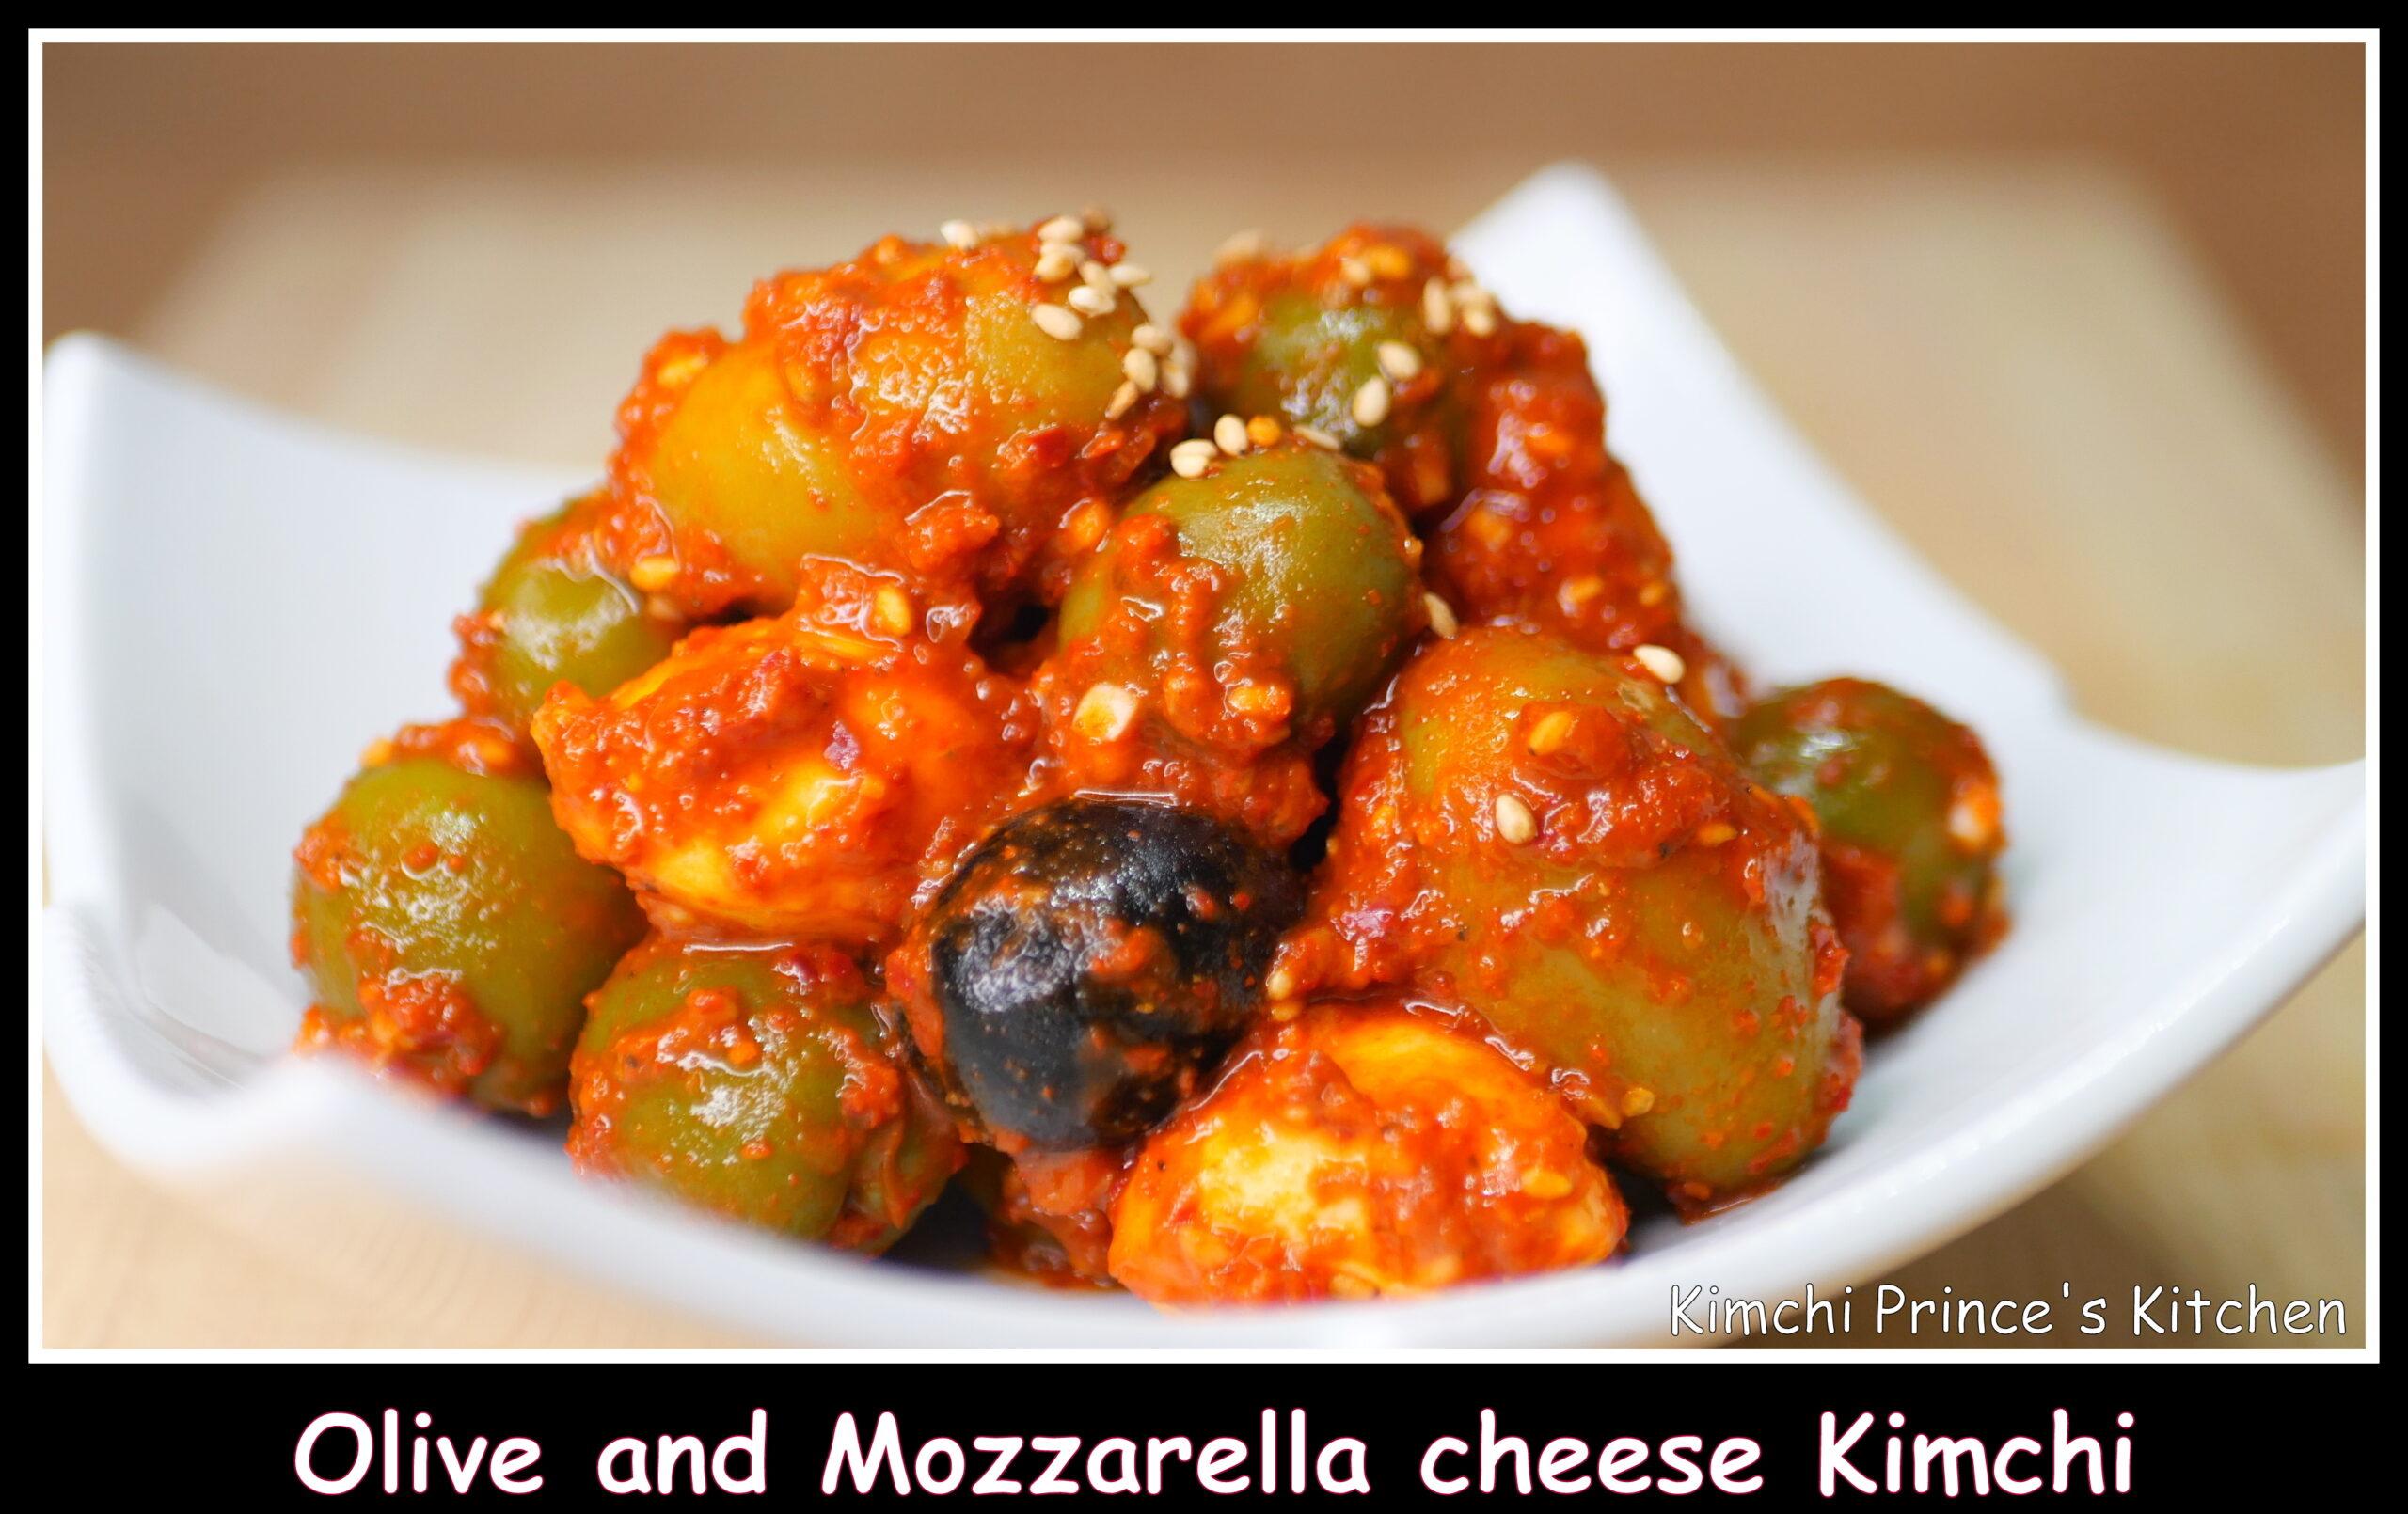 Olive and mozzarella cheese kimchi